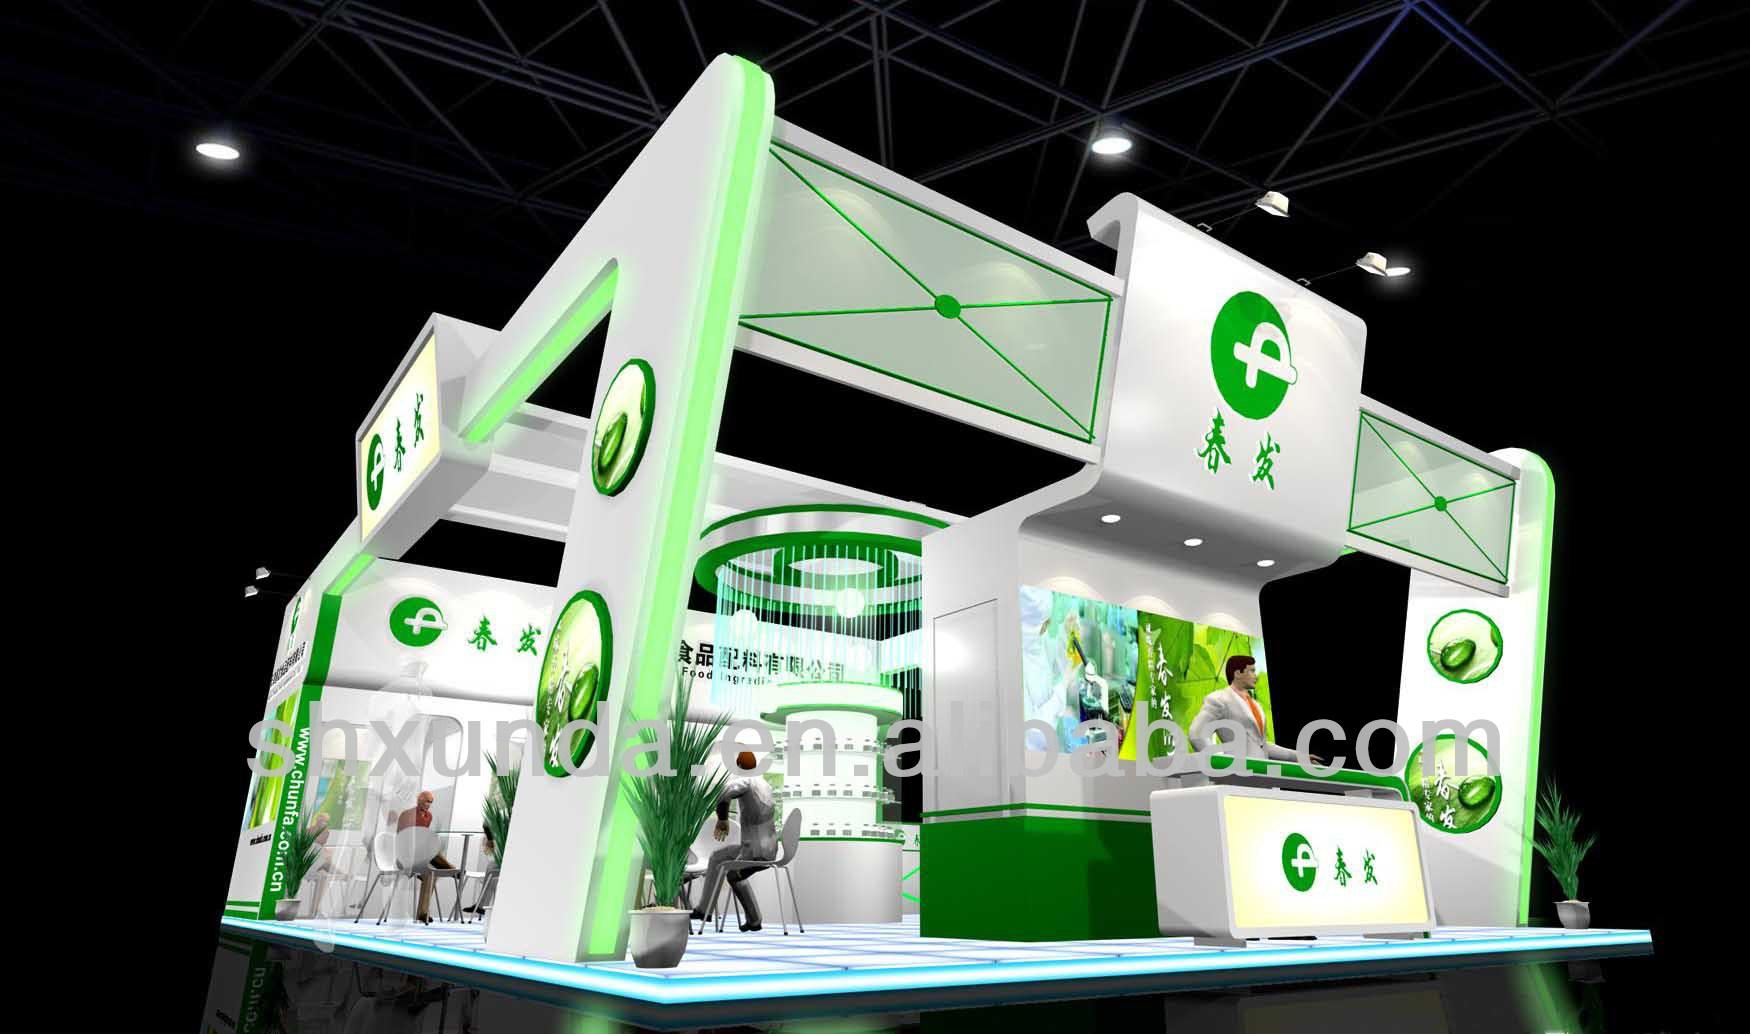 Food Exhibition Booth Design : La exposición internacional de alimentos feria stand